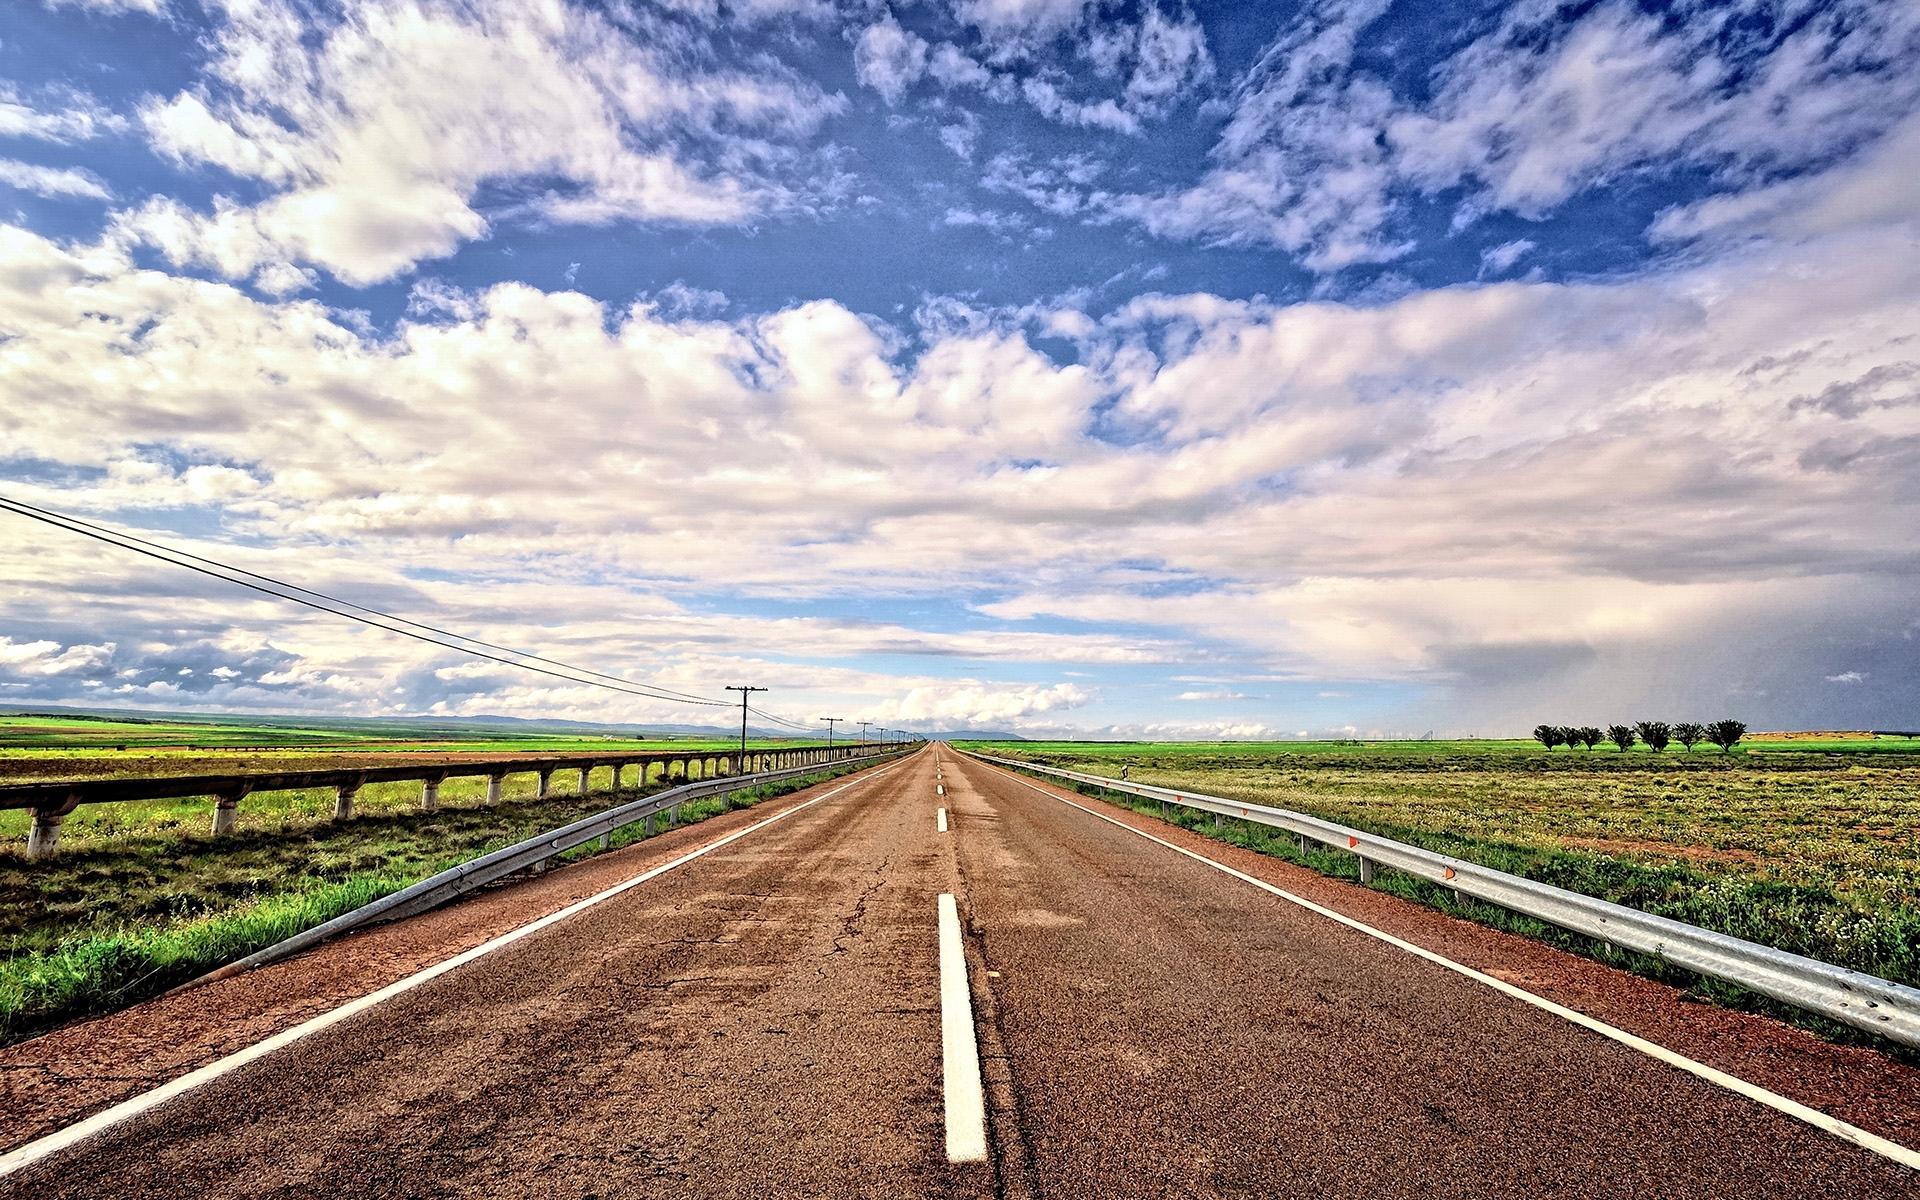 精选道路风景图片高清电脑壁纸